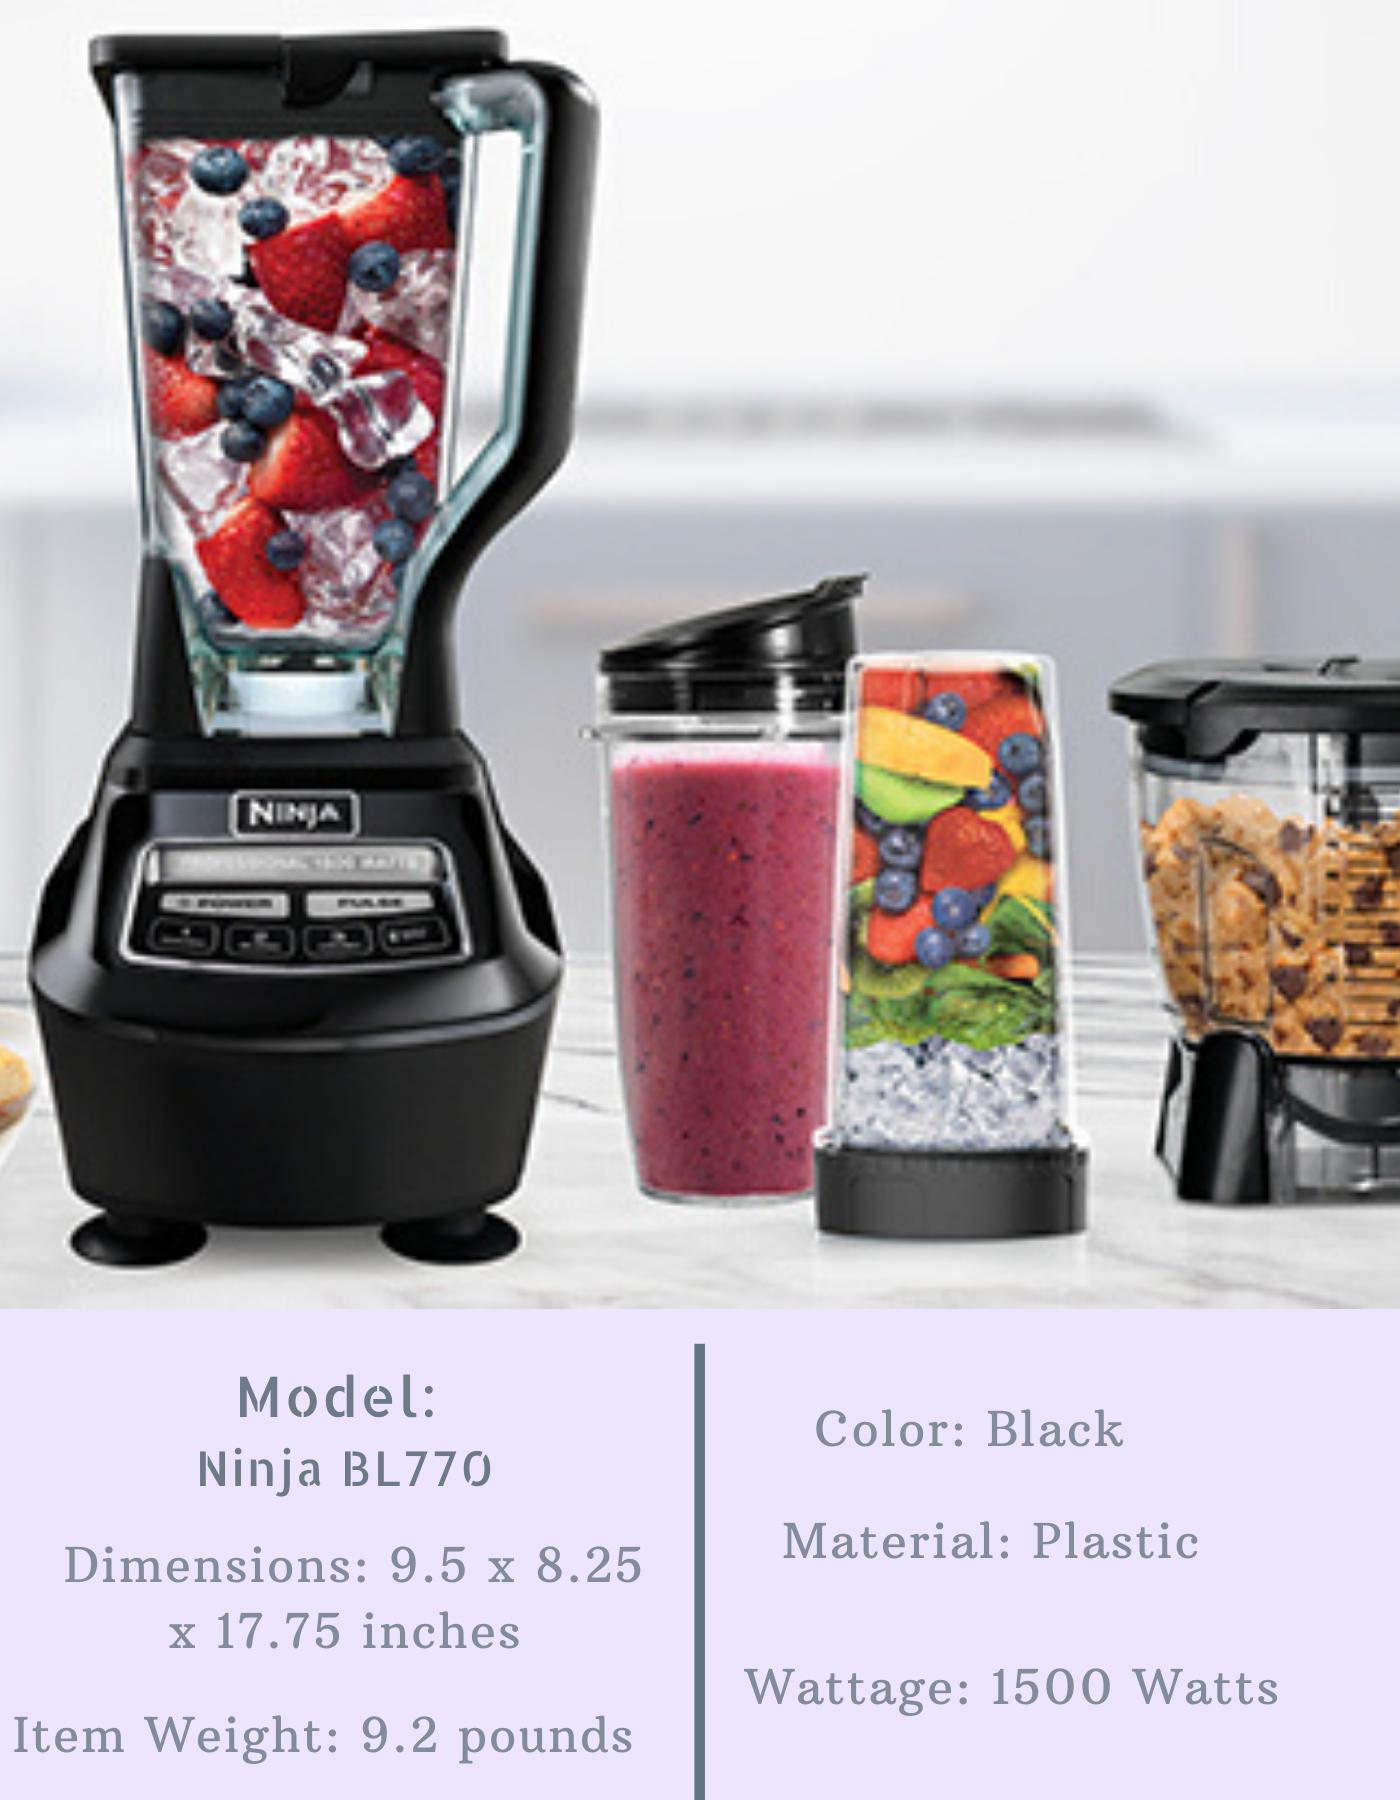 Ninja BL770 Mega Kitchen System Blender and Food Processor Features